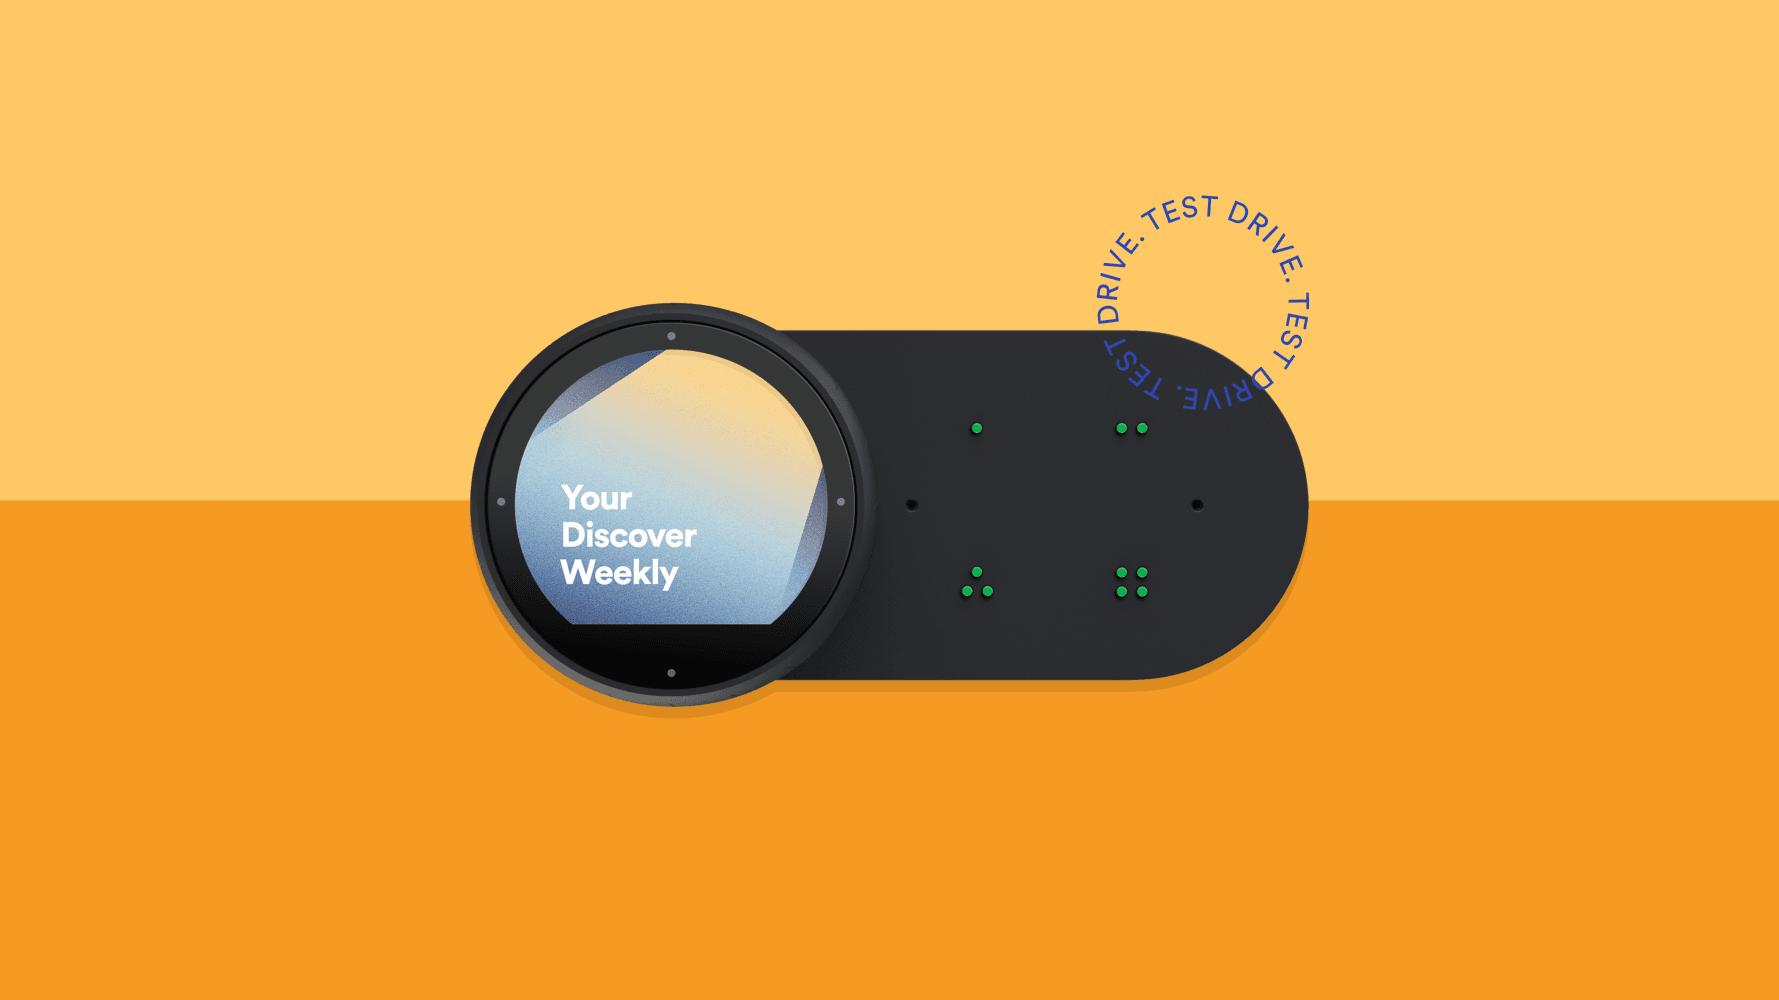 Poznaliśmy pierwsze urządzenie Spotify. Oto Car Thing